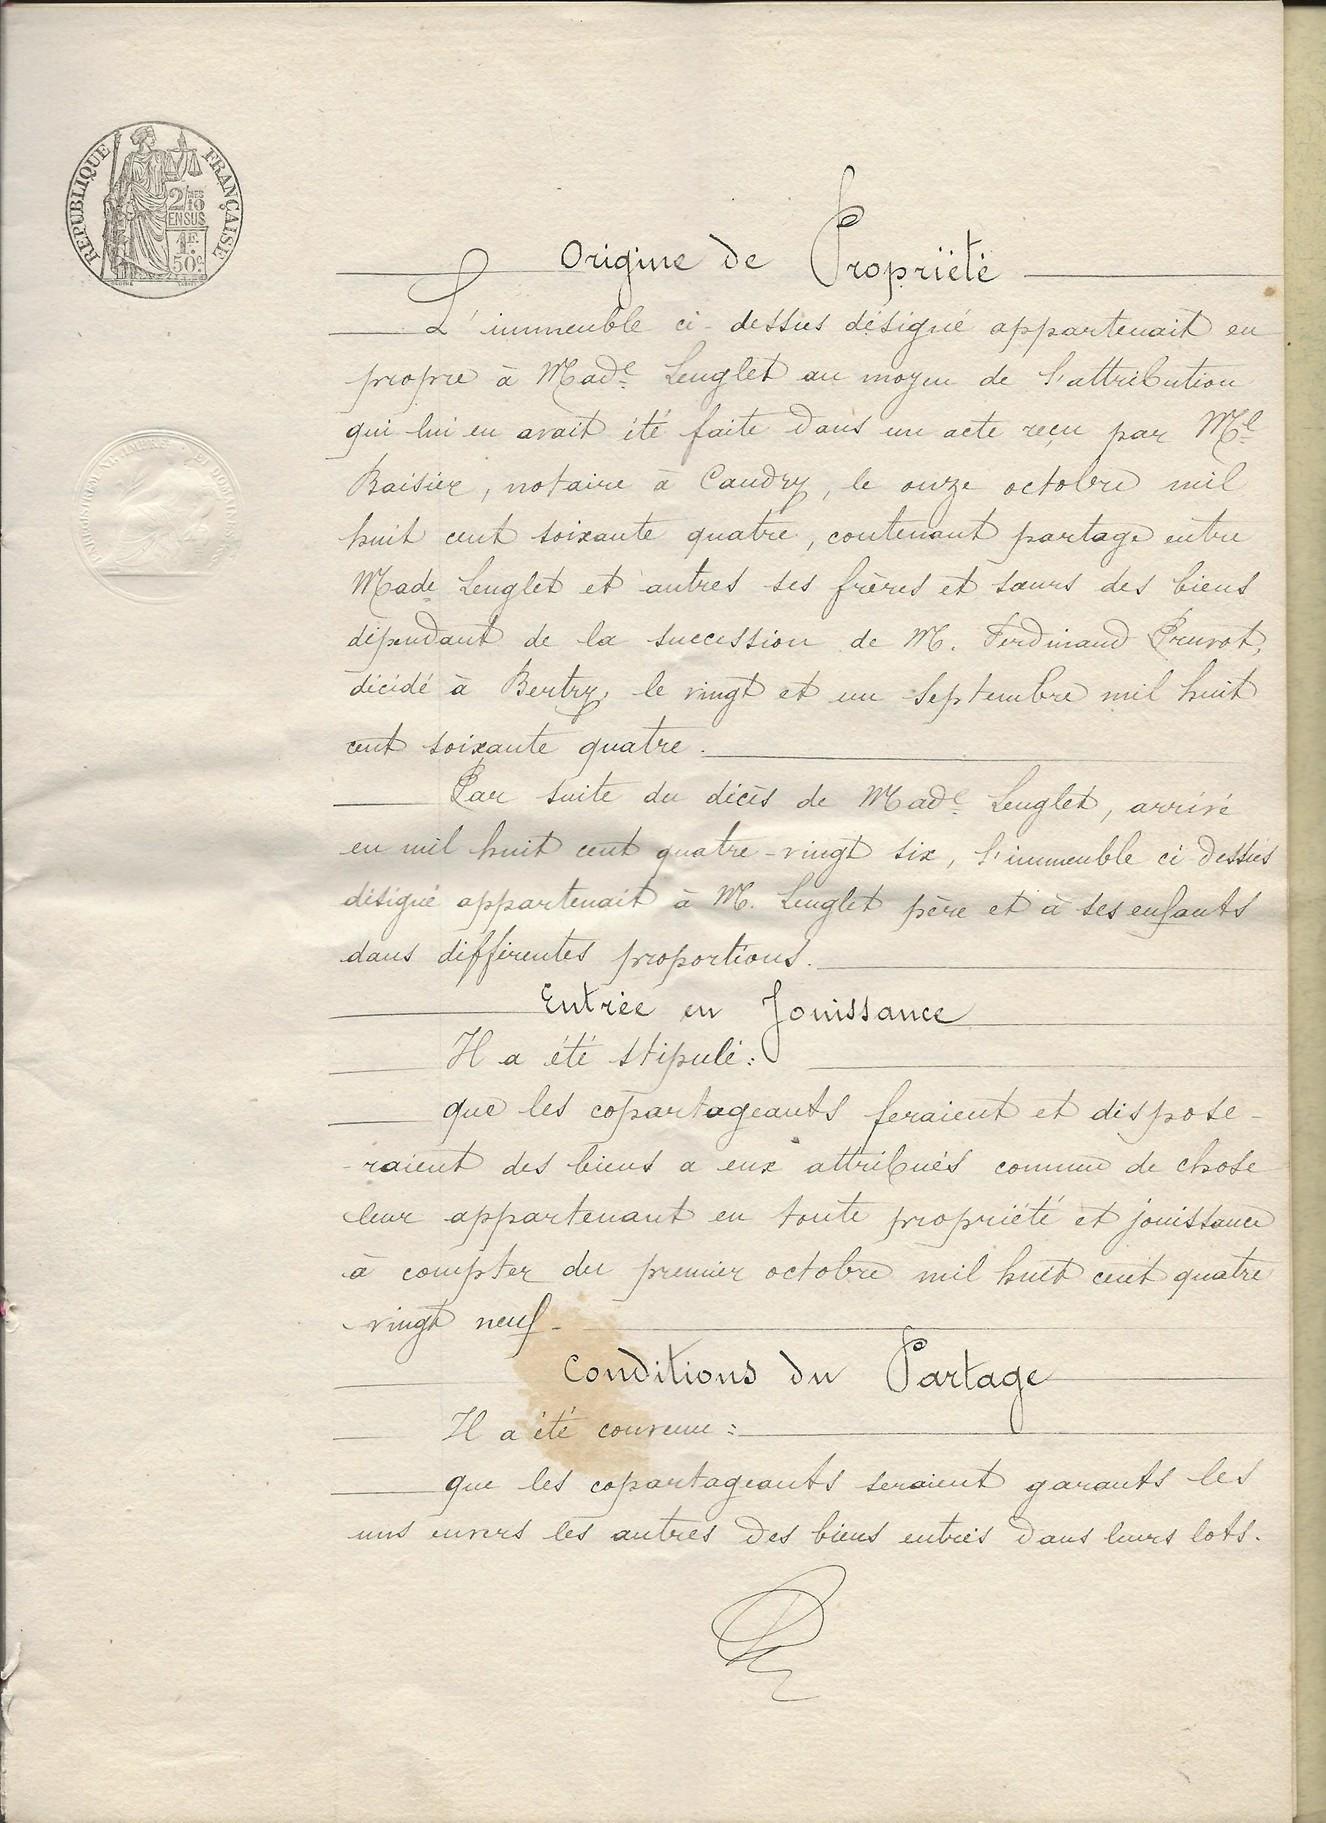 1889 succession de appolonie pruvot epouse lenglet emerile 003